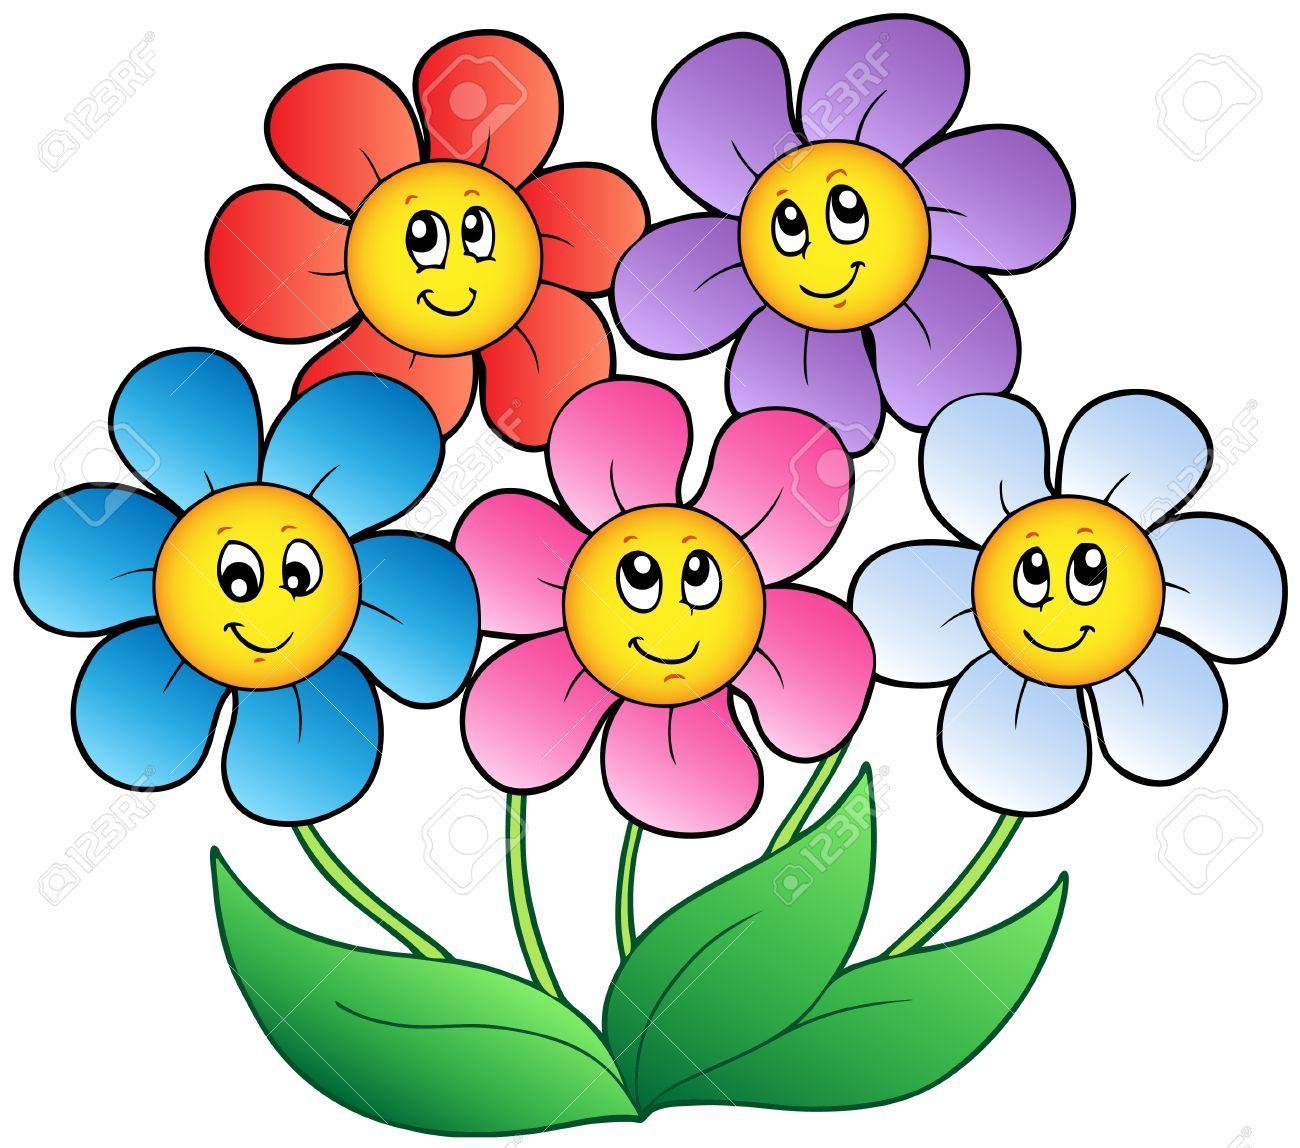 5 flowers clipart 5 » Clipart Portal.